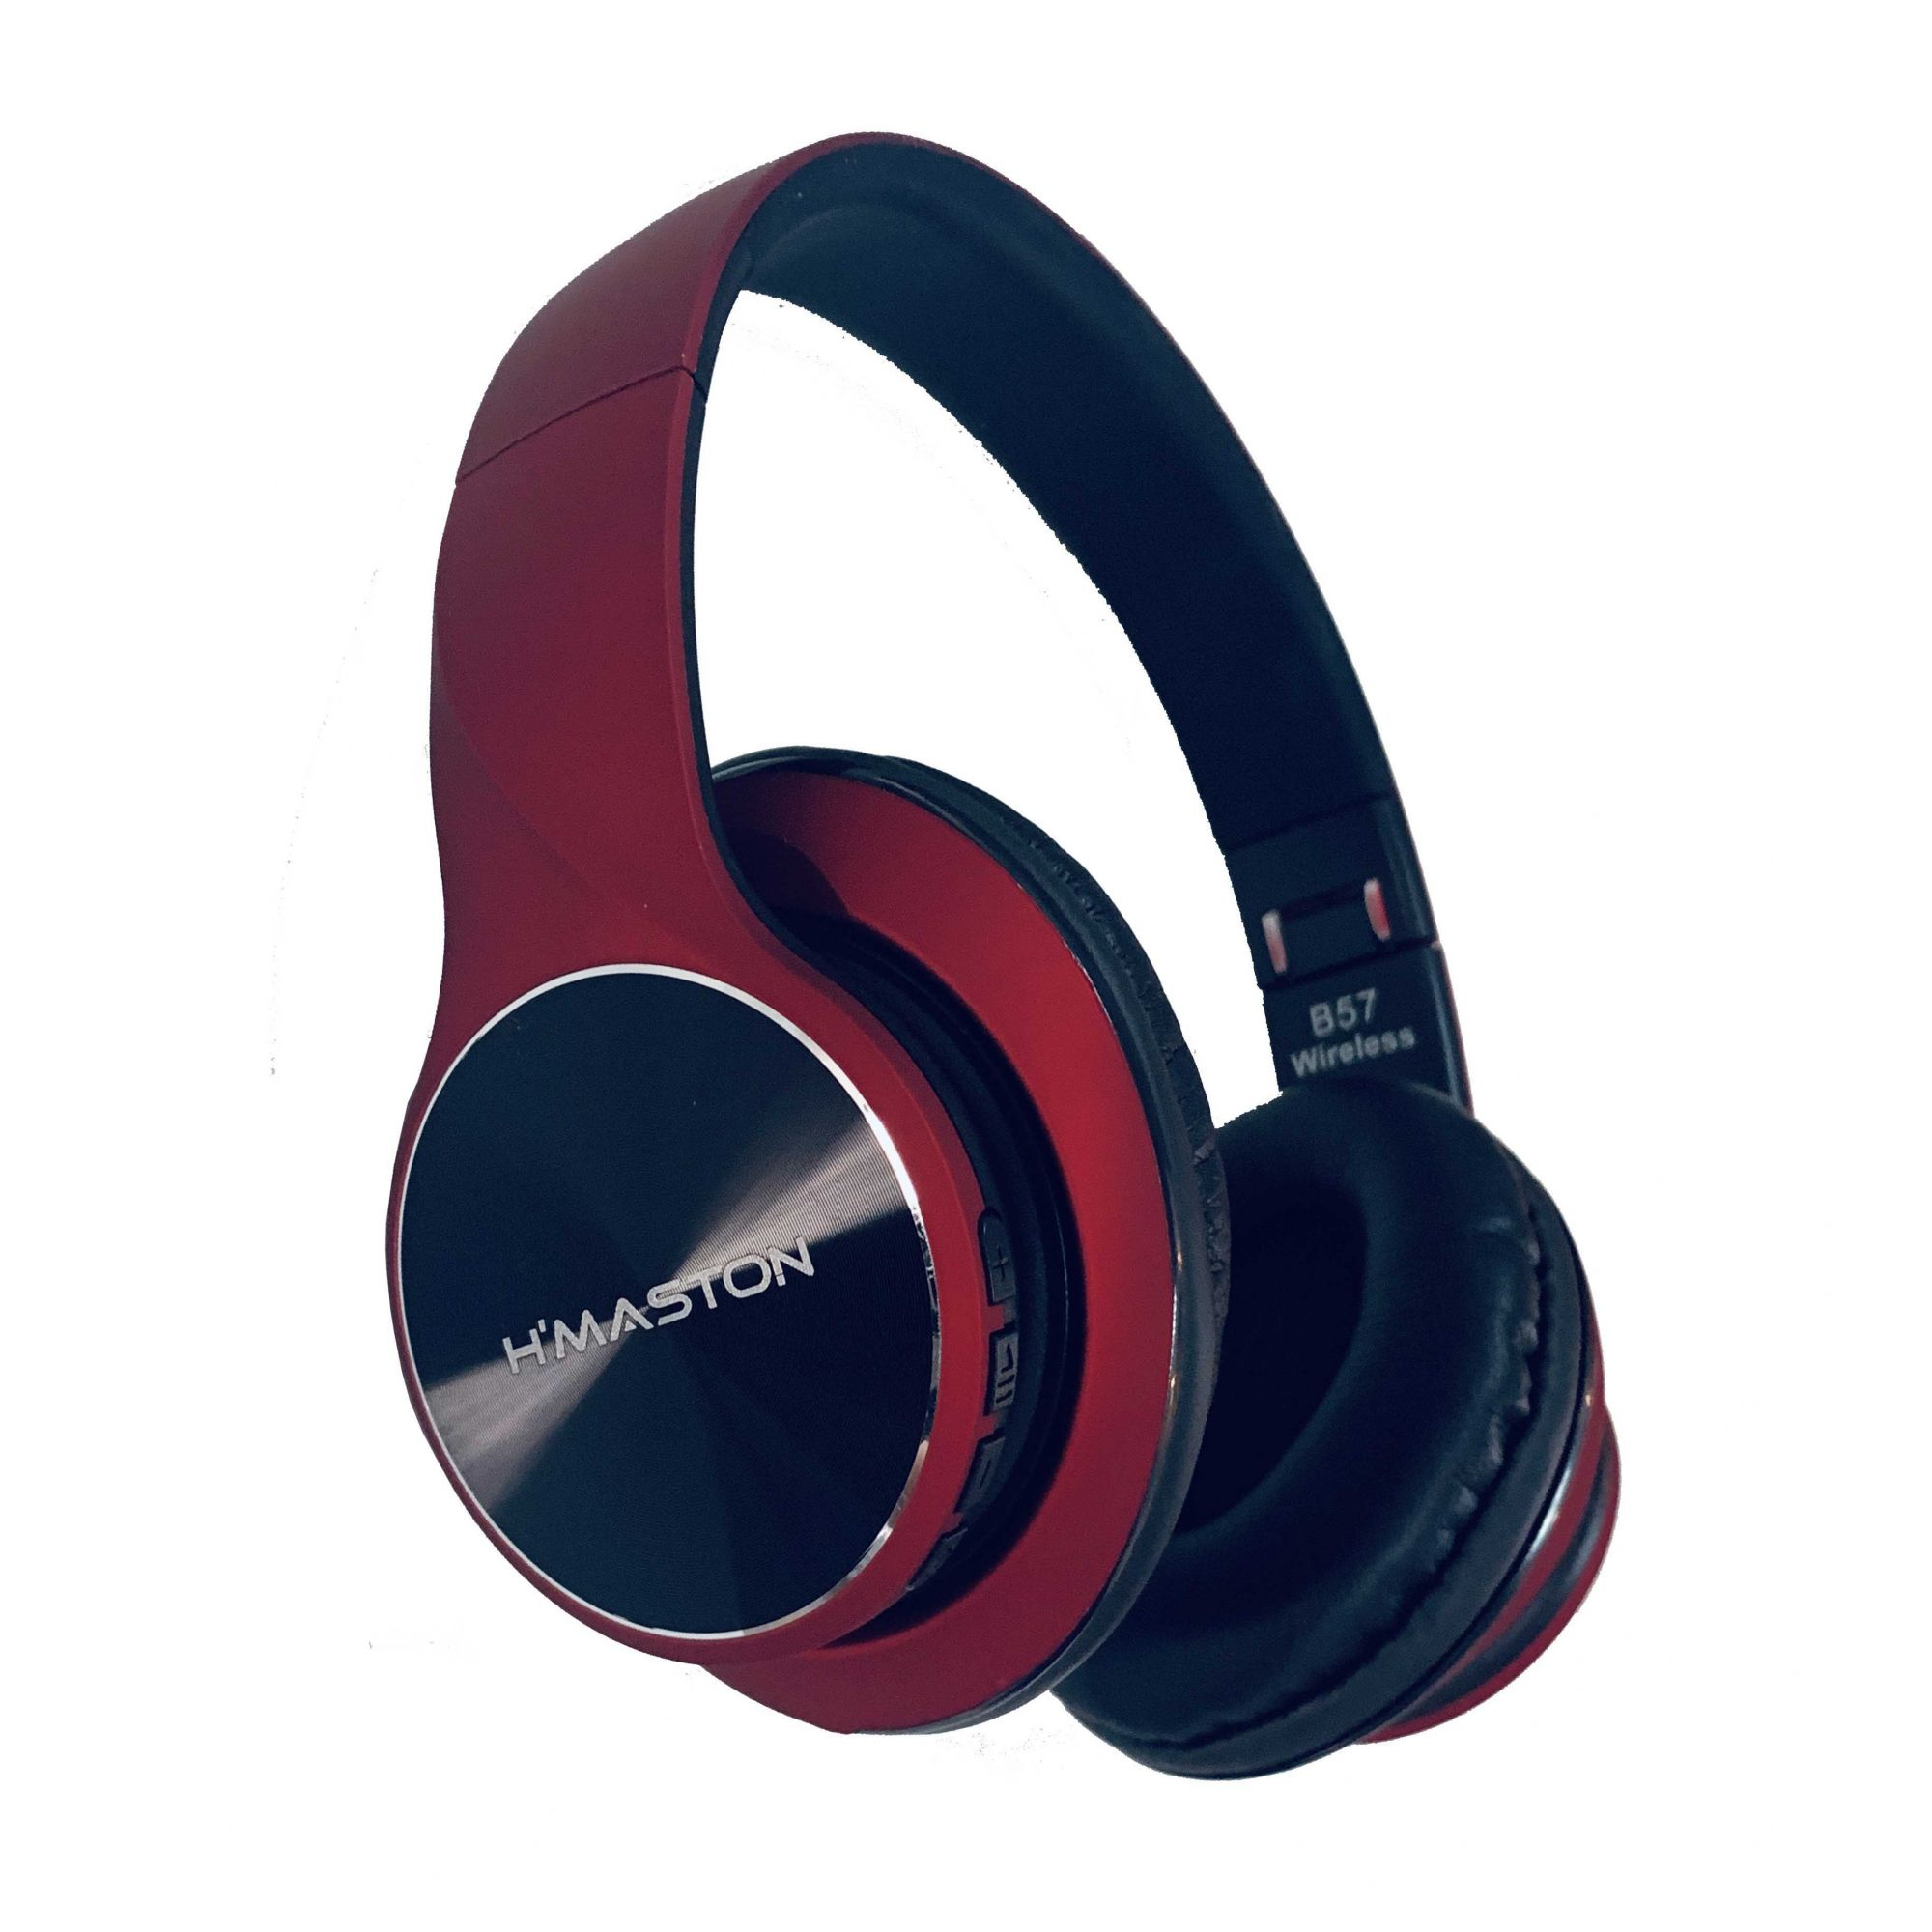 Fone de ouvido bluetooth Hmaston B57